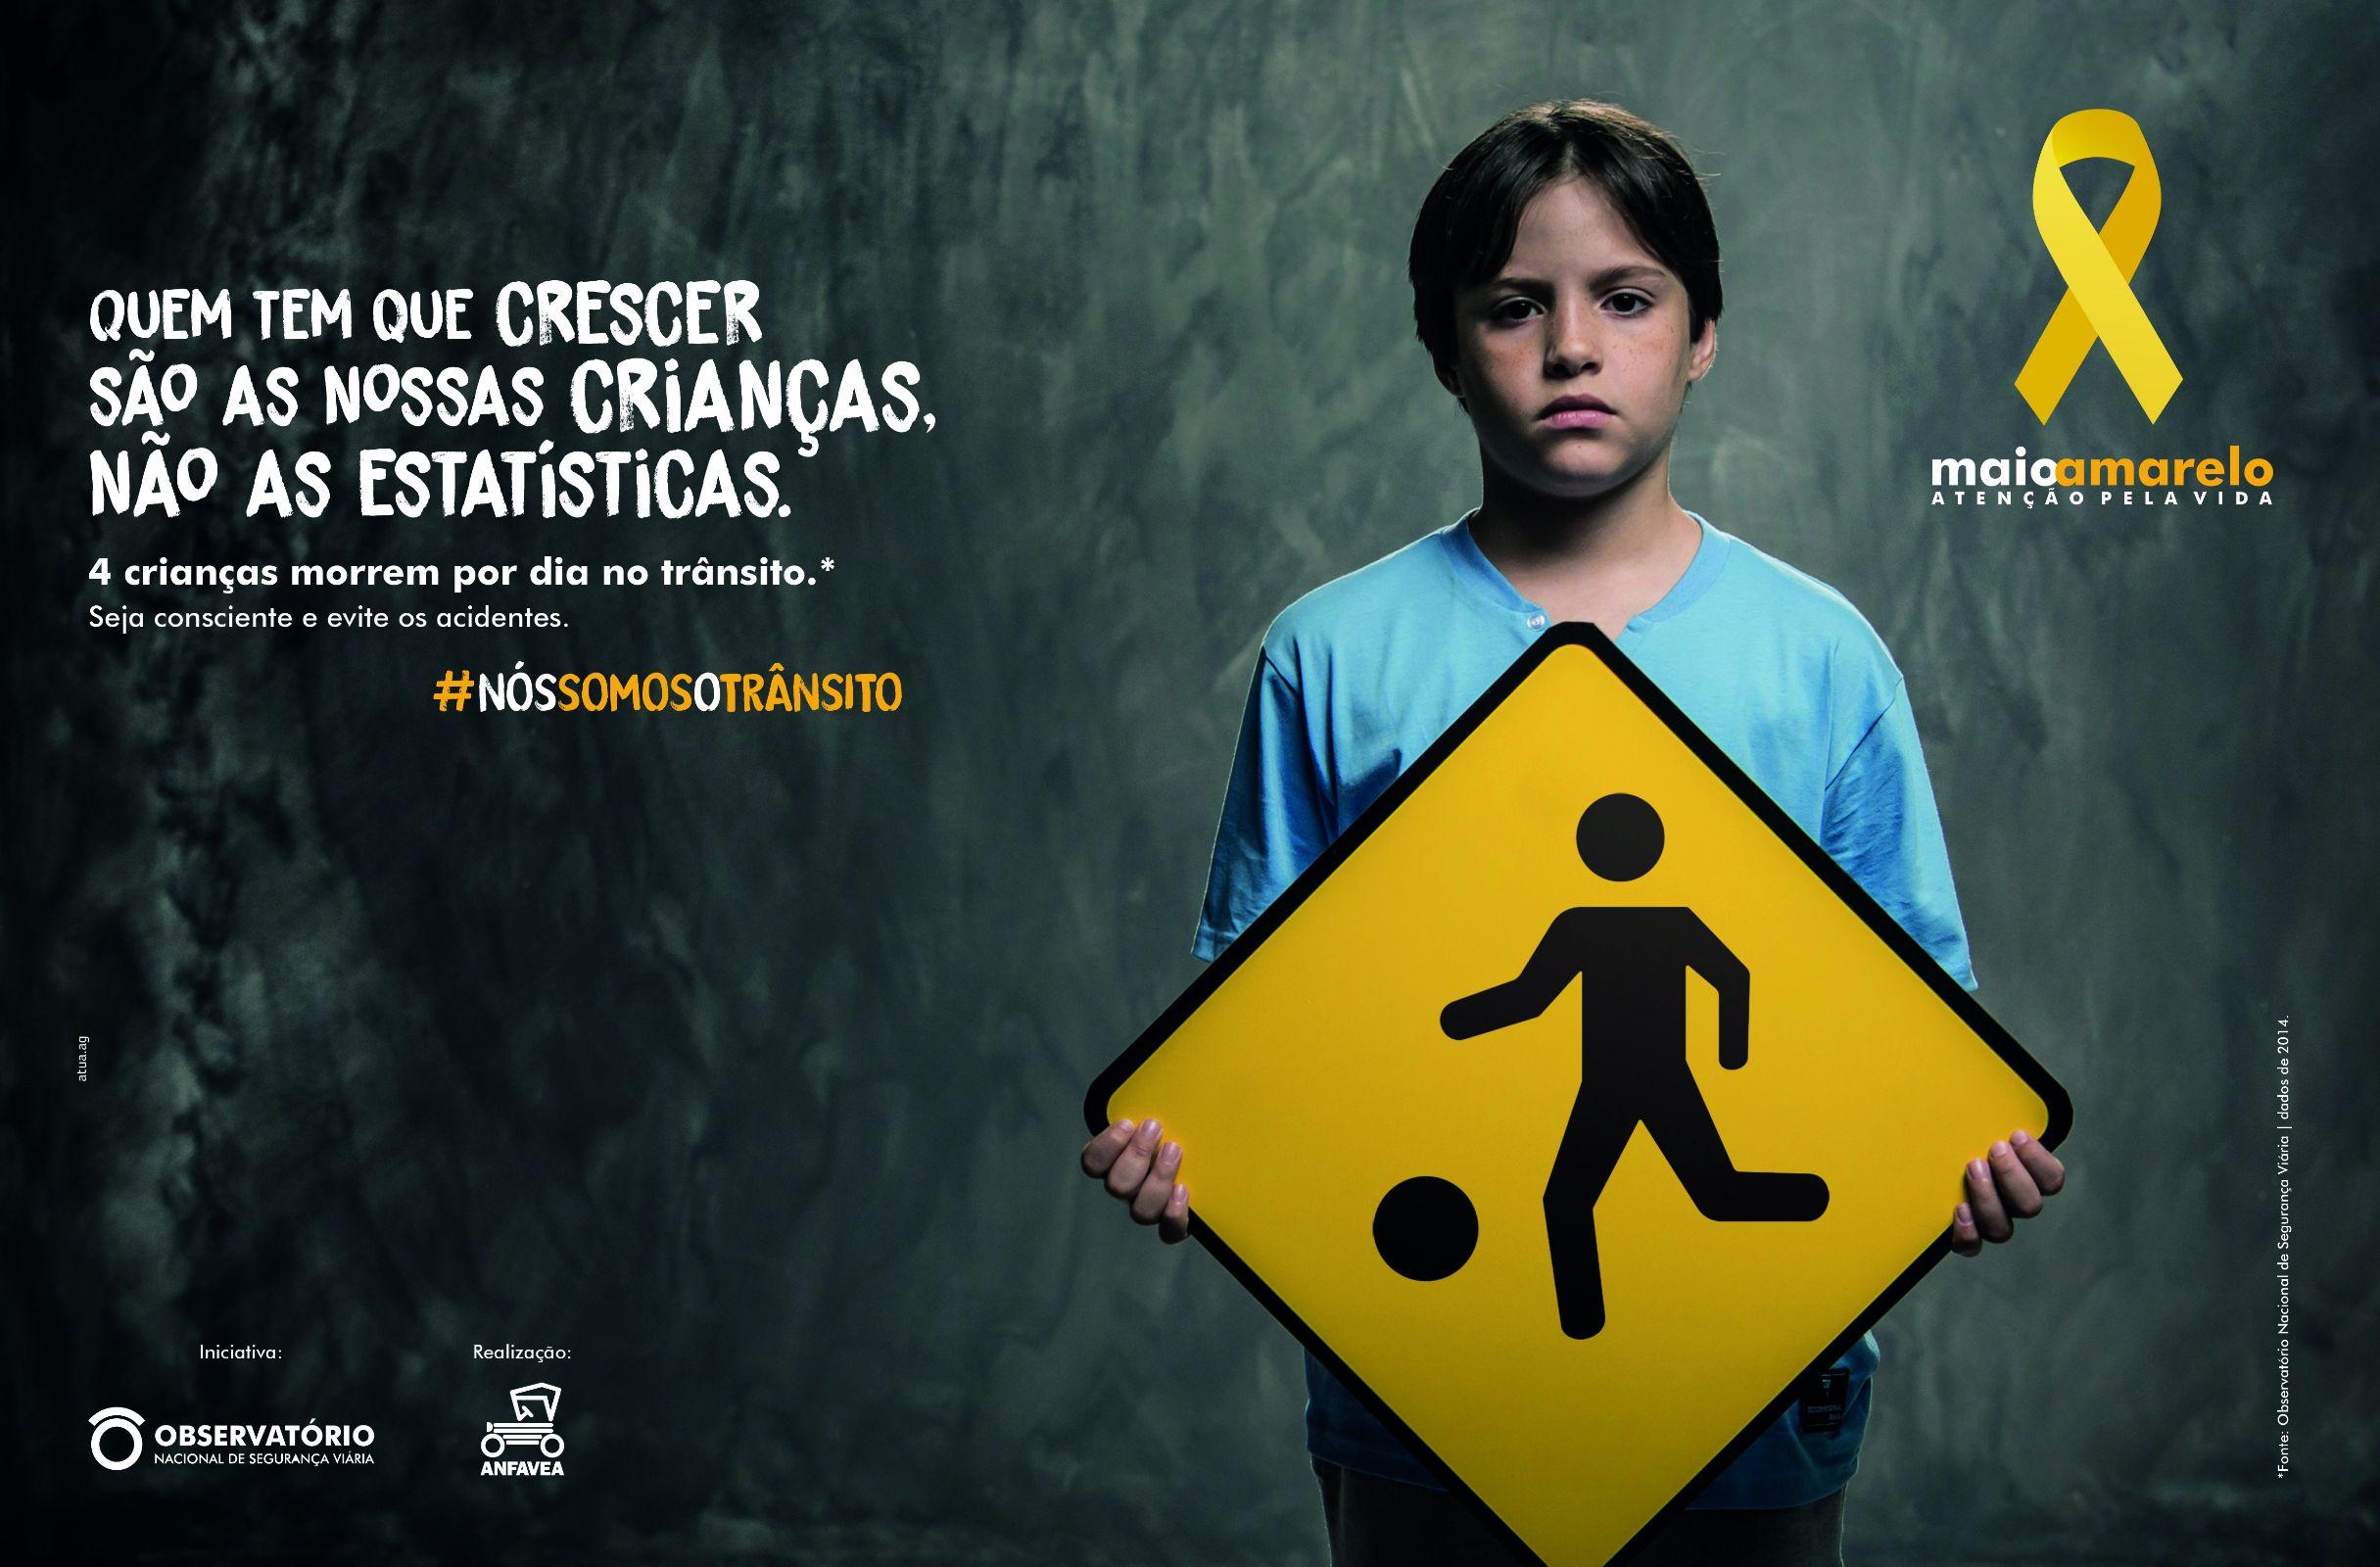 A campanha Maio Amarelo tem como intuito diminuir a violência no trânsito por meio da conscientização da população. No Brasil, a cada hora, cinco pessoas morrem vítimas de acidentes de trânsito.